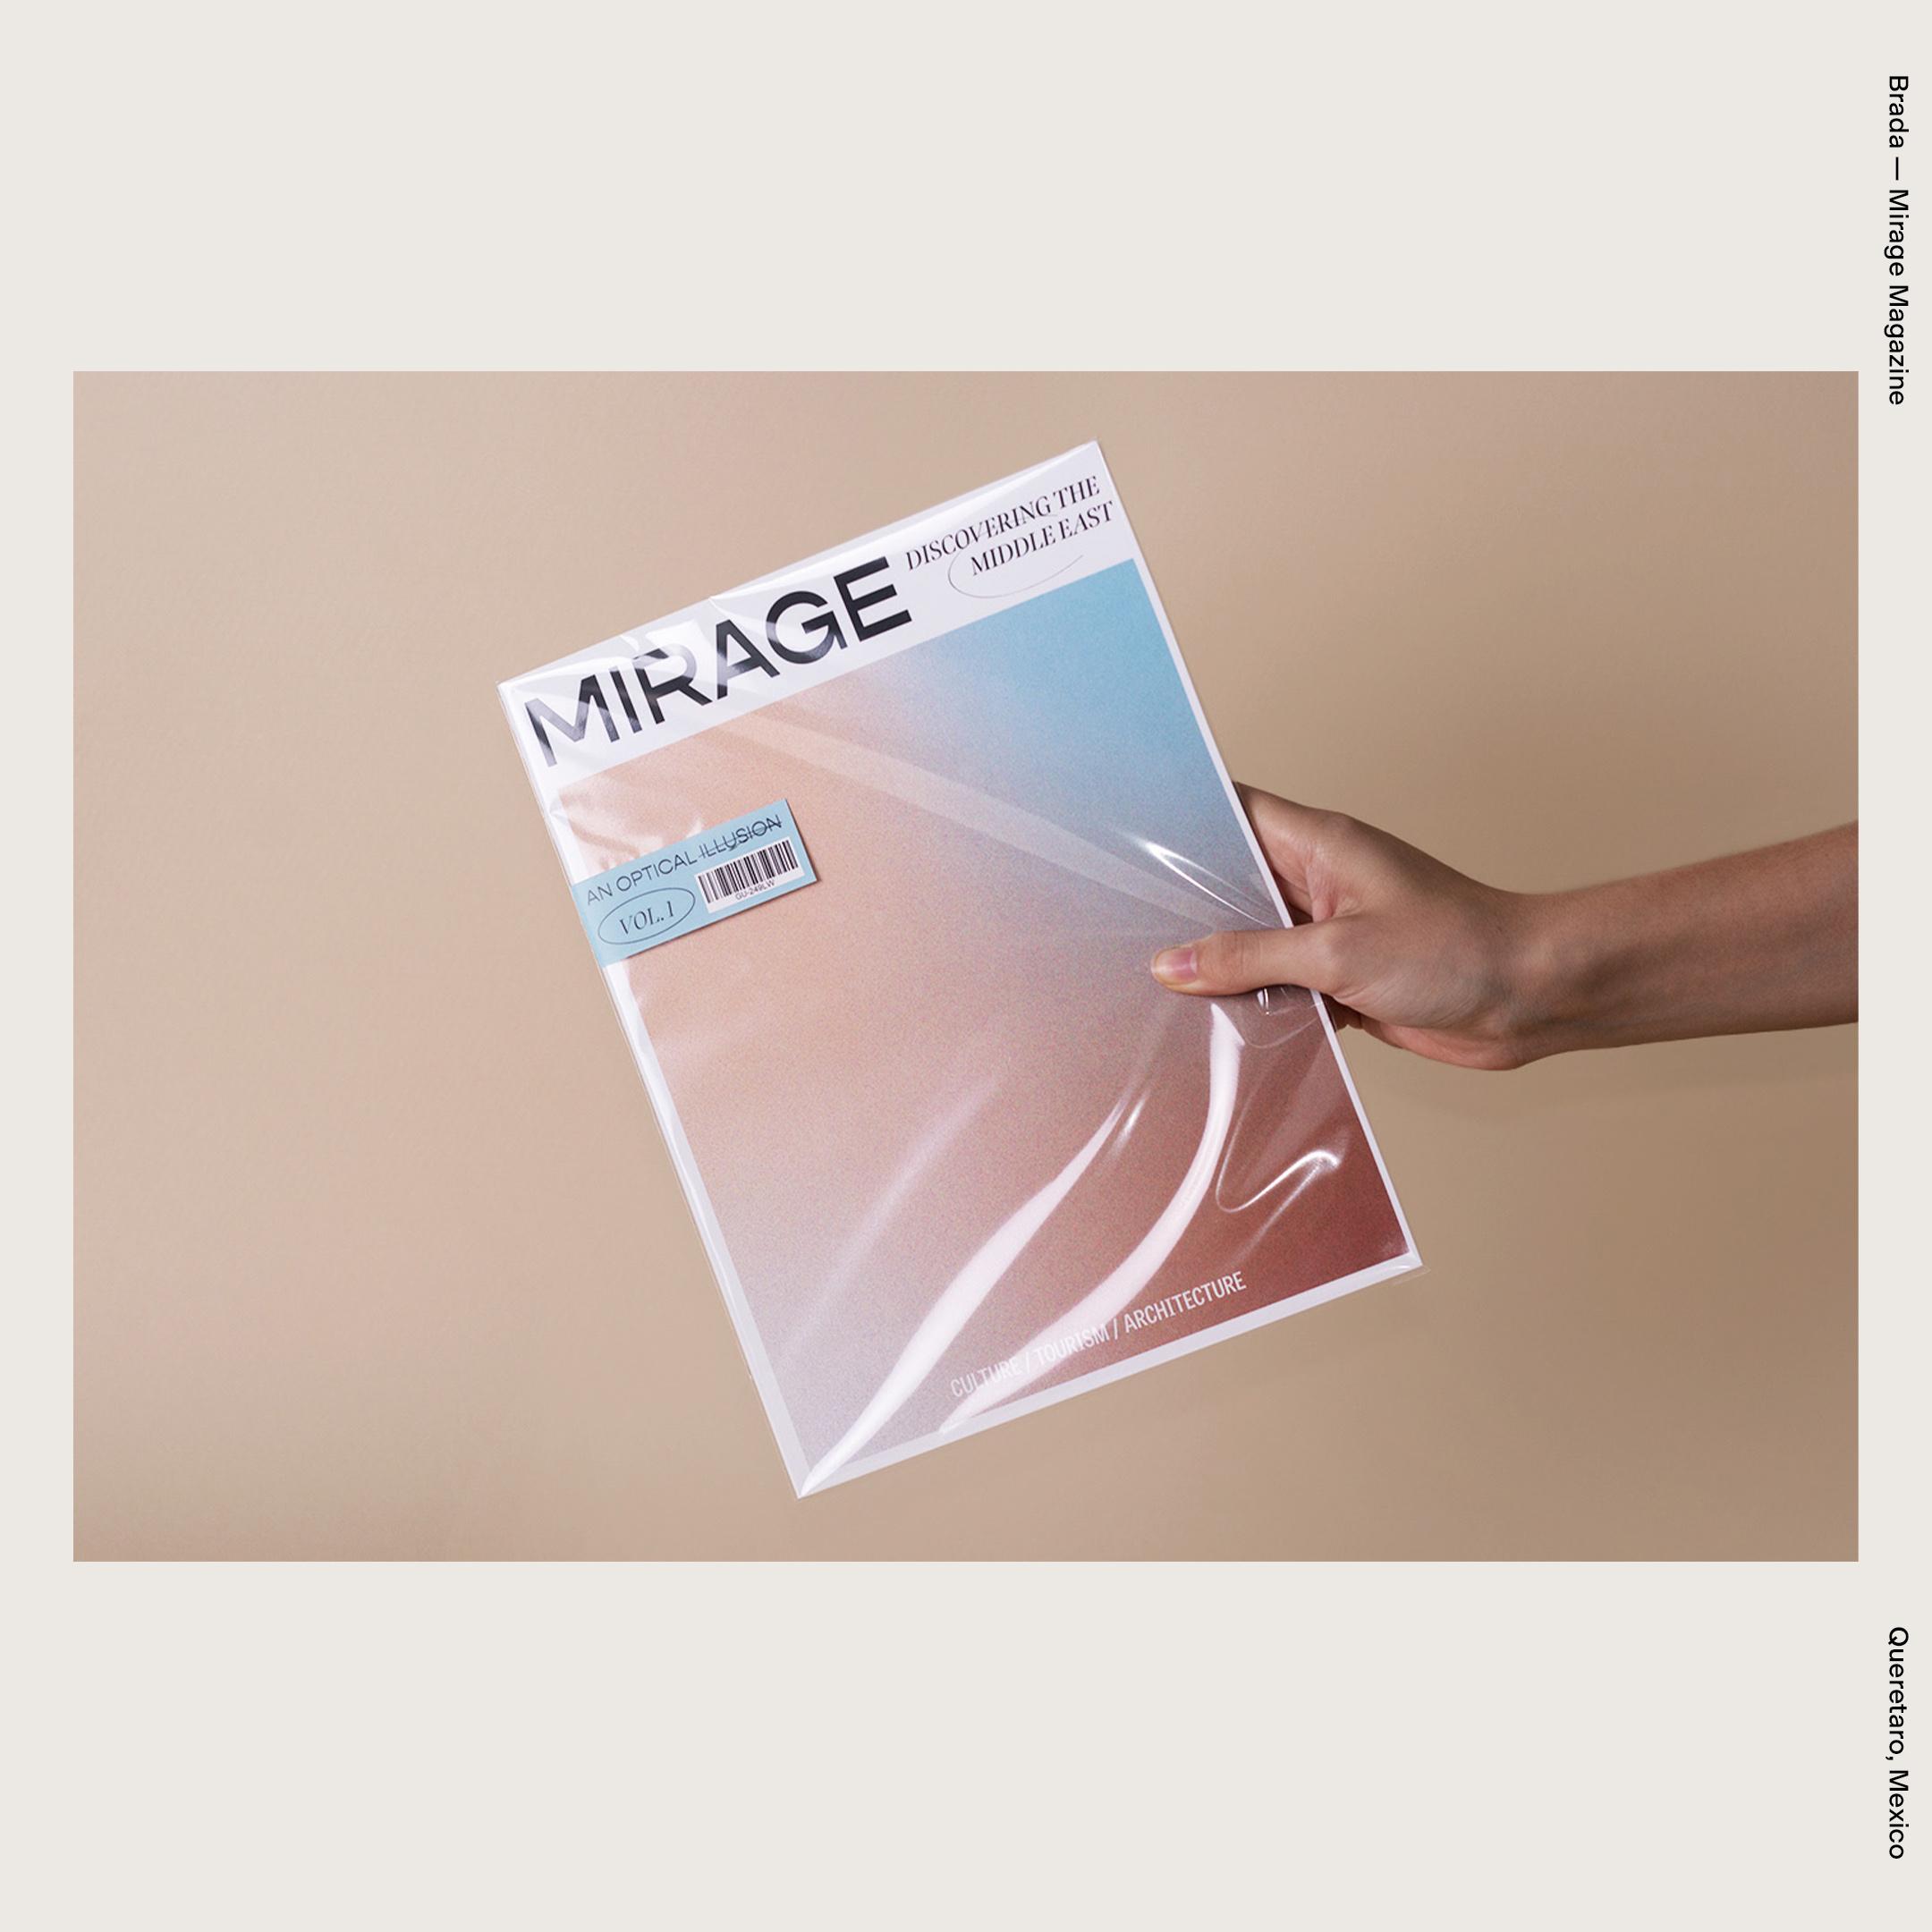 Brada — Mirage Magazine